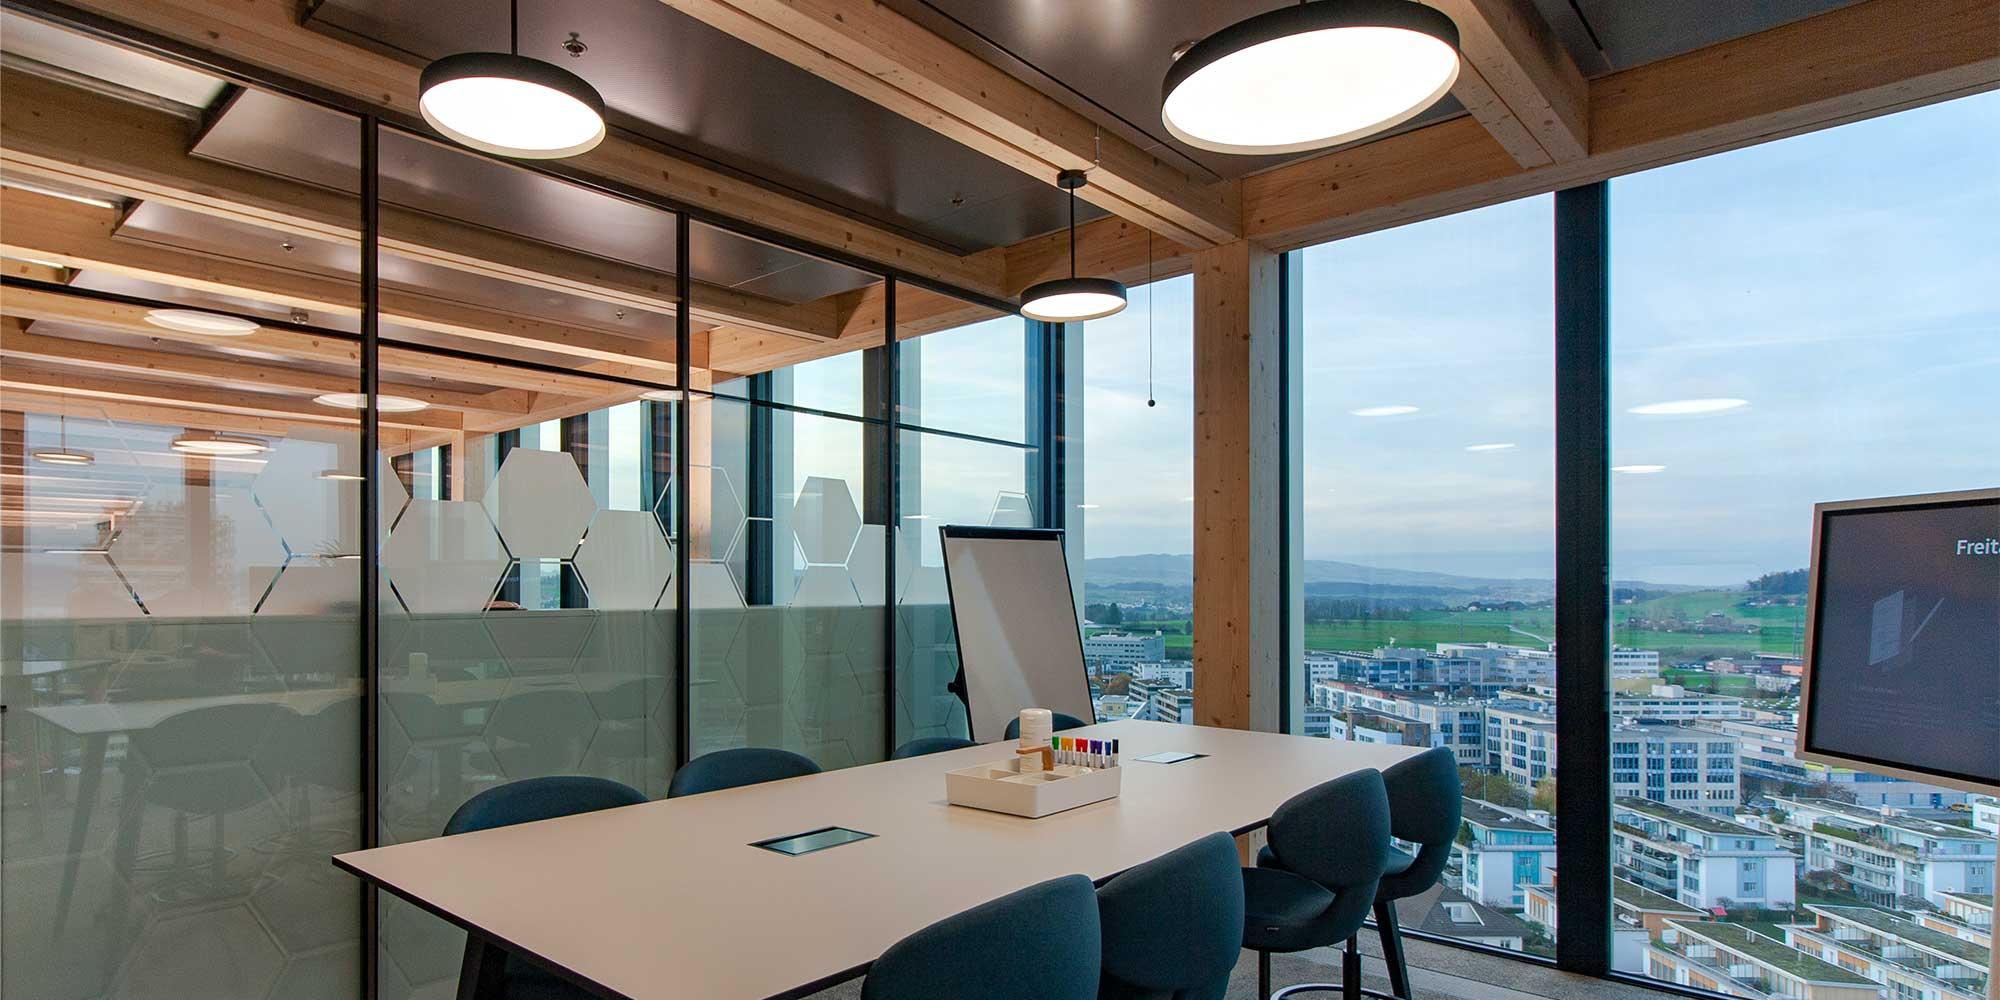 Konplan Systemhaus AG, das Sitzungszimmer mit toller Aussicht ist mit den Basic Leuchten von Lightnet perfekt beleuchtet.